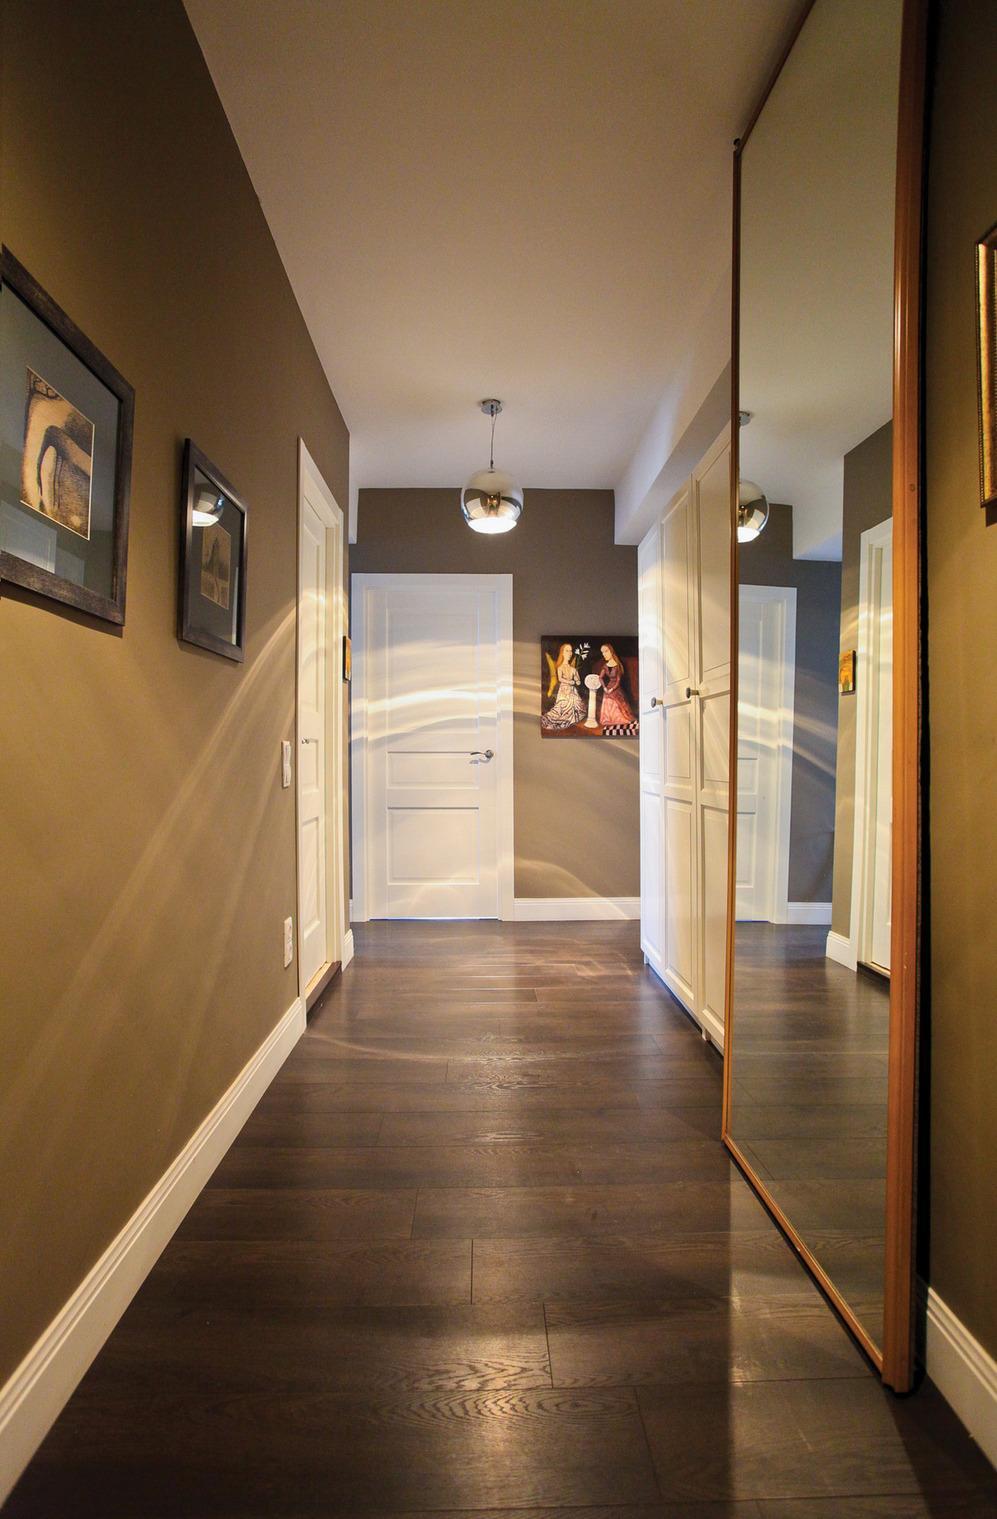 Металлическая круглая люстра в коридоре